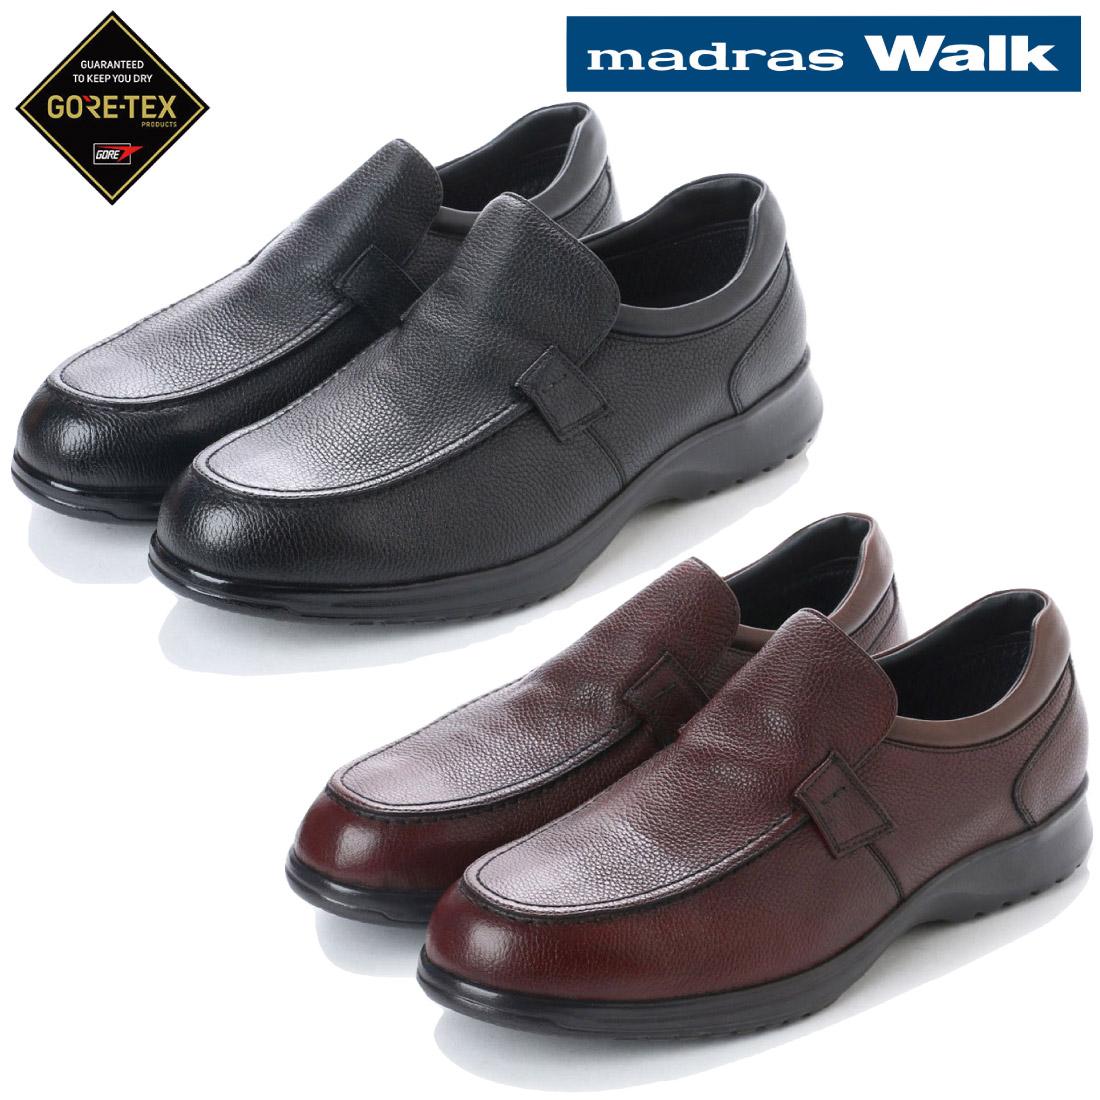 madras Walk マドラス スリッポン ウォーキング カジュアル シューズ ゴアテックス MW8009 防水neshuFTc35l1KJ